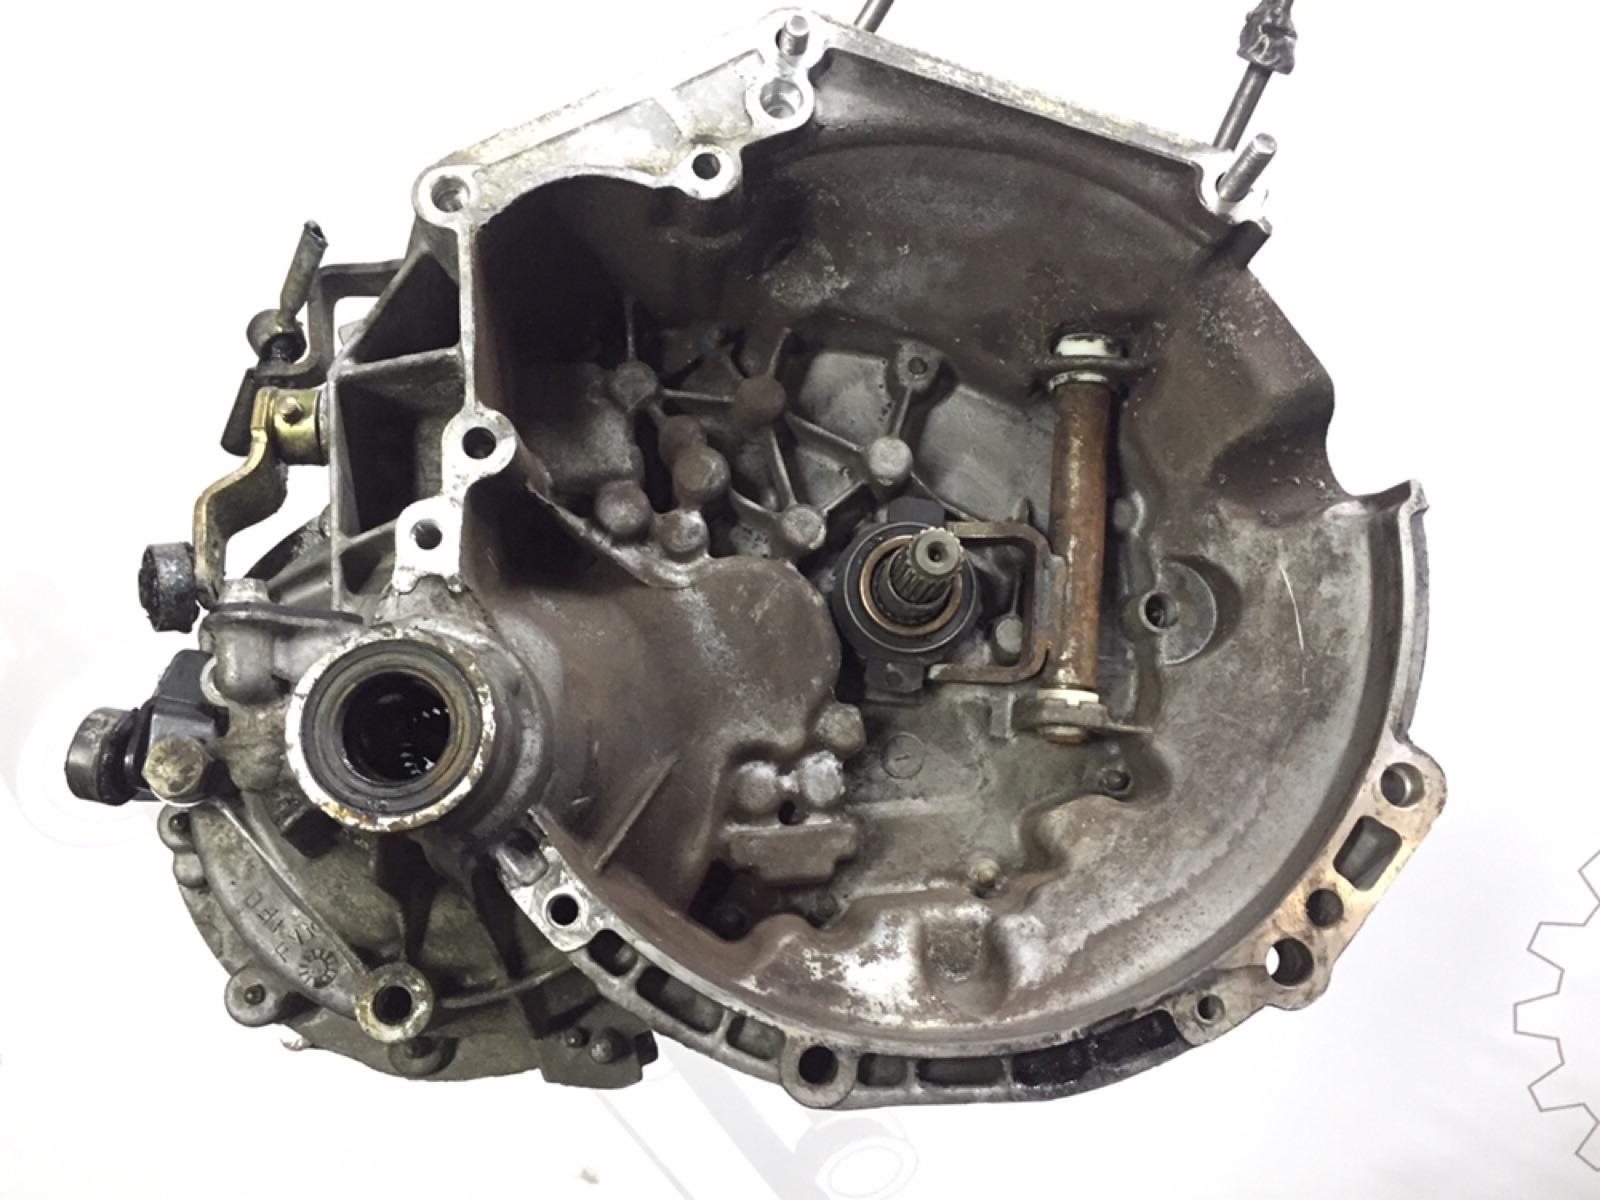 Кпп механическая (мкпп) Peugeot 206 1.4 I 2005 (б/у)